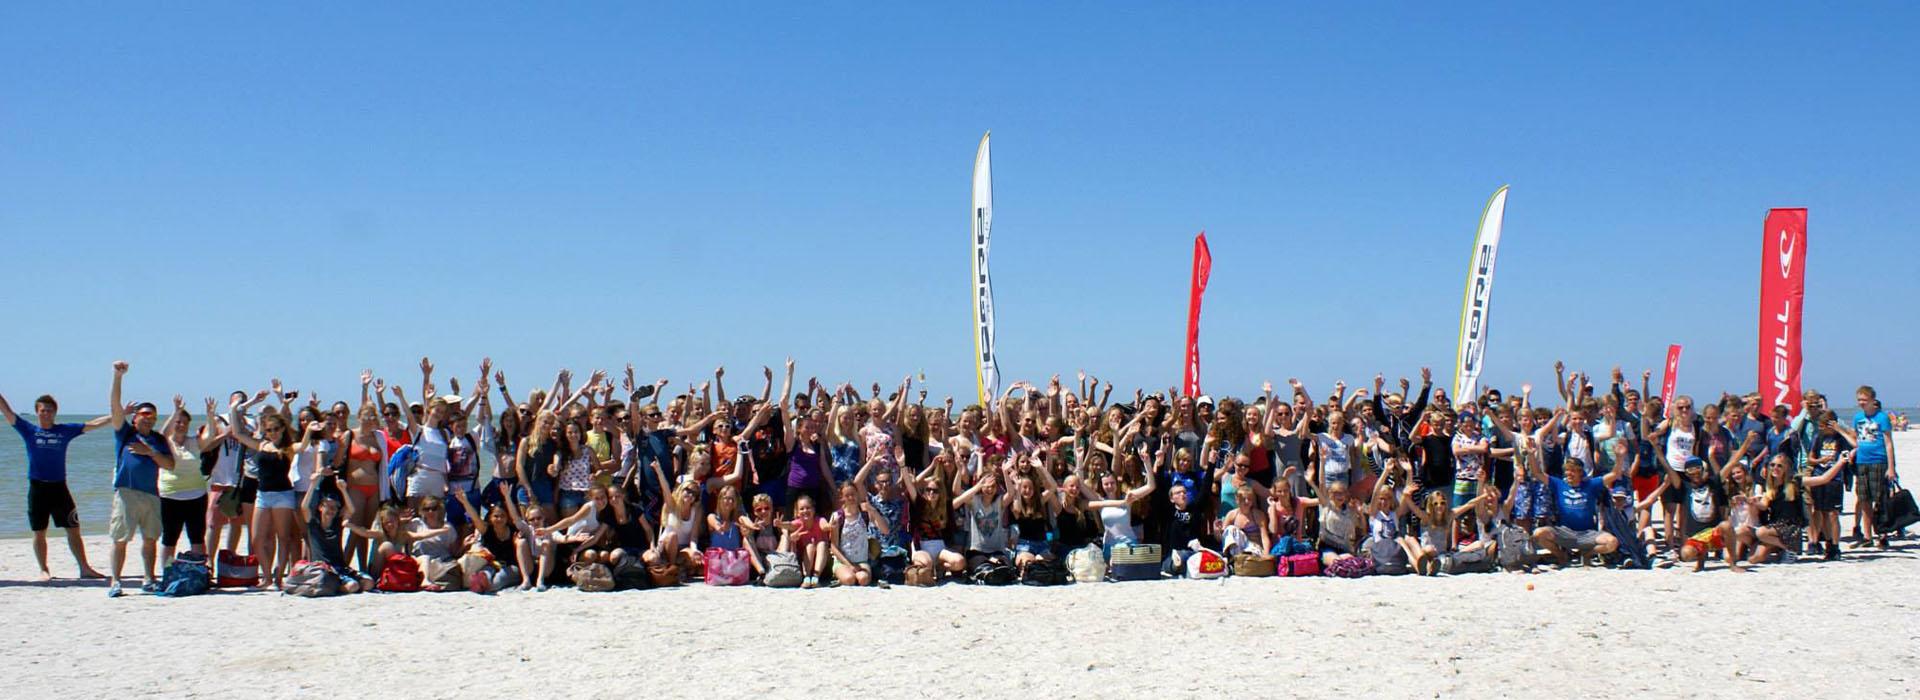 groepen uitje surfen kiten